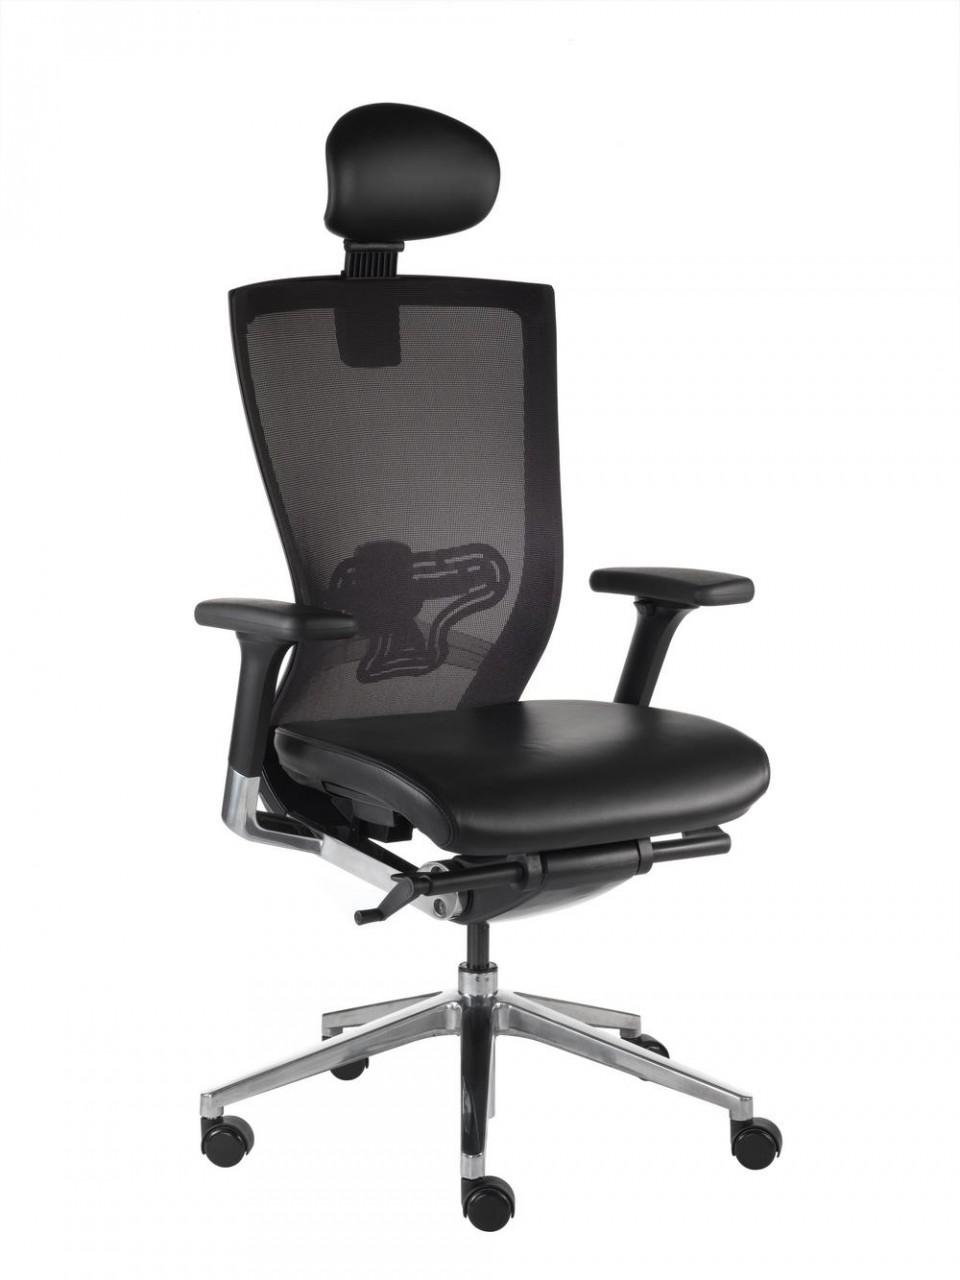 fauteuil direction cuir ergonomique x chair achat si ges de bureau 599 00. Black Bedroom Furniture Sets. Home Design Ideas